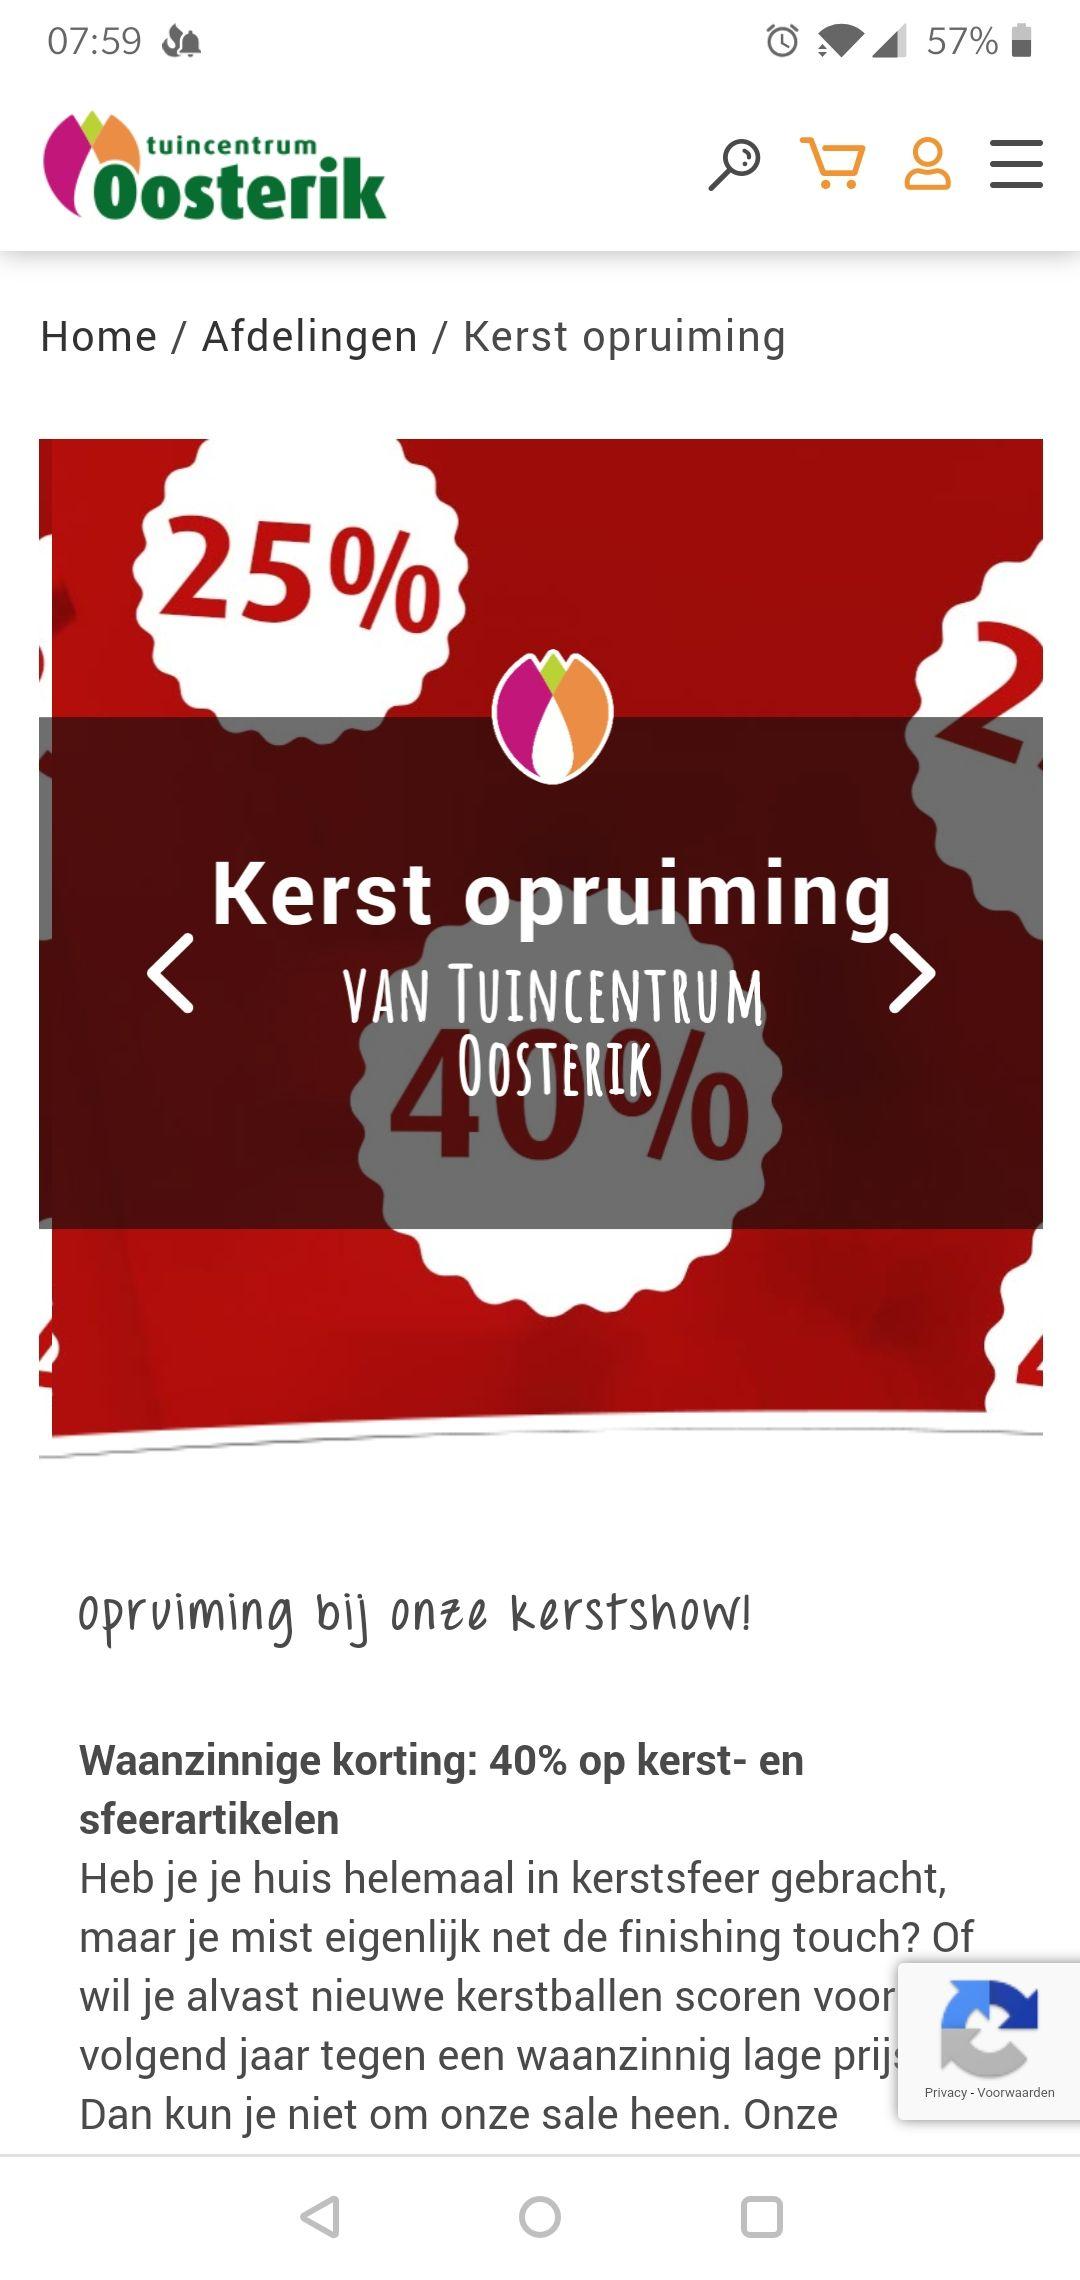 40% korting kerst artikelen bij Oosterik